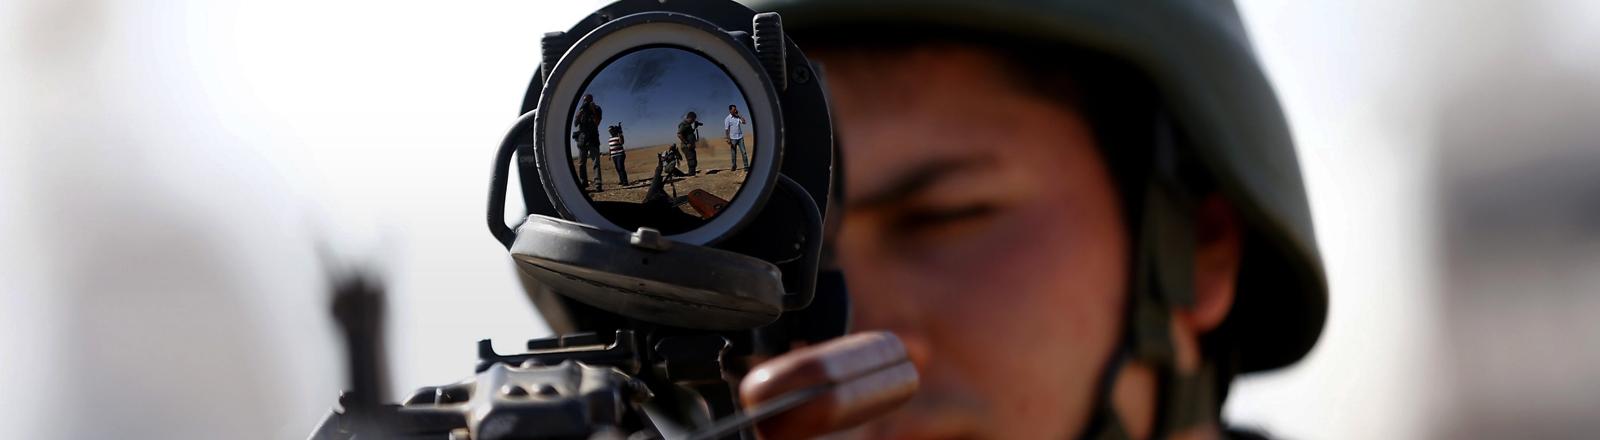 In einem Zielfernrohr auf einer Waffe spiegeln sich andere Menschen